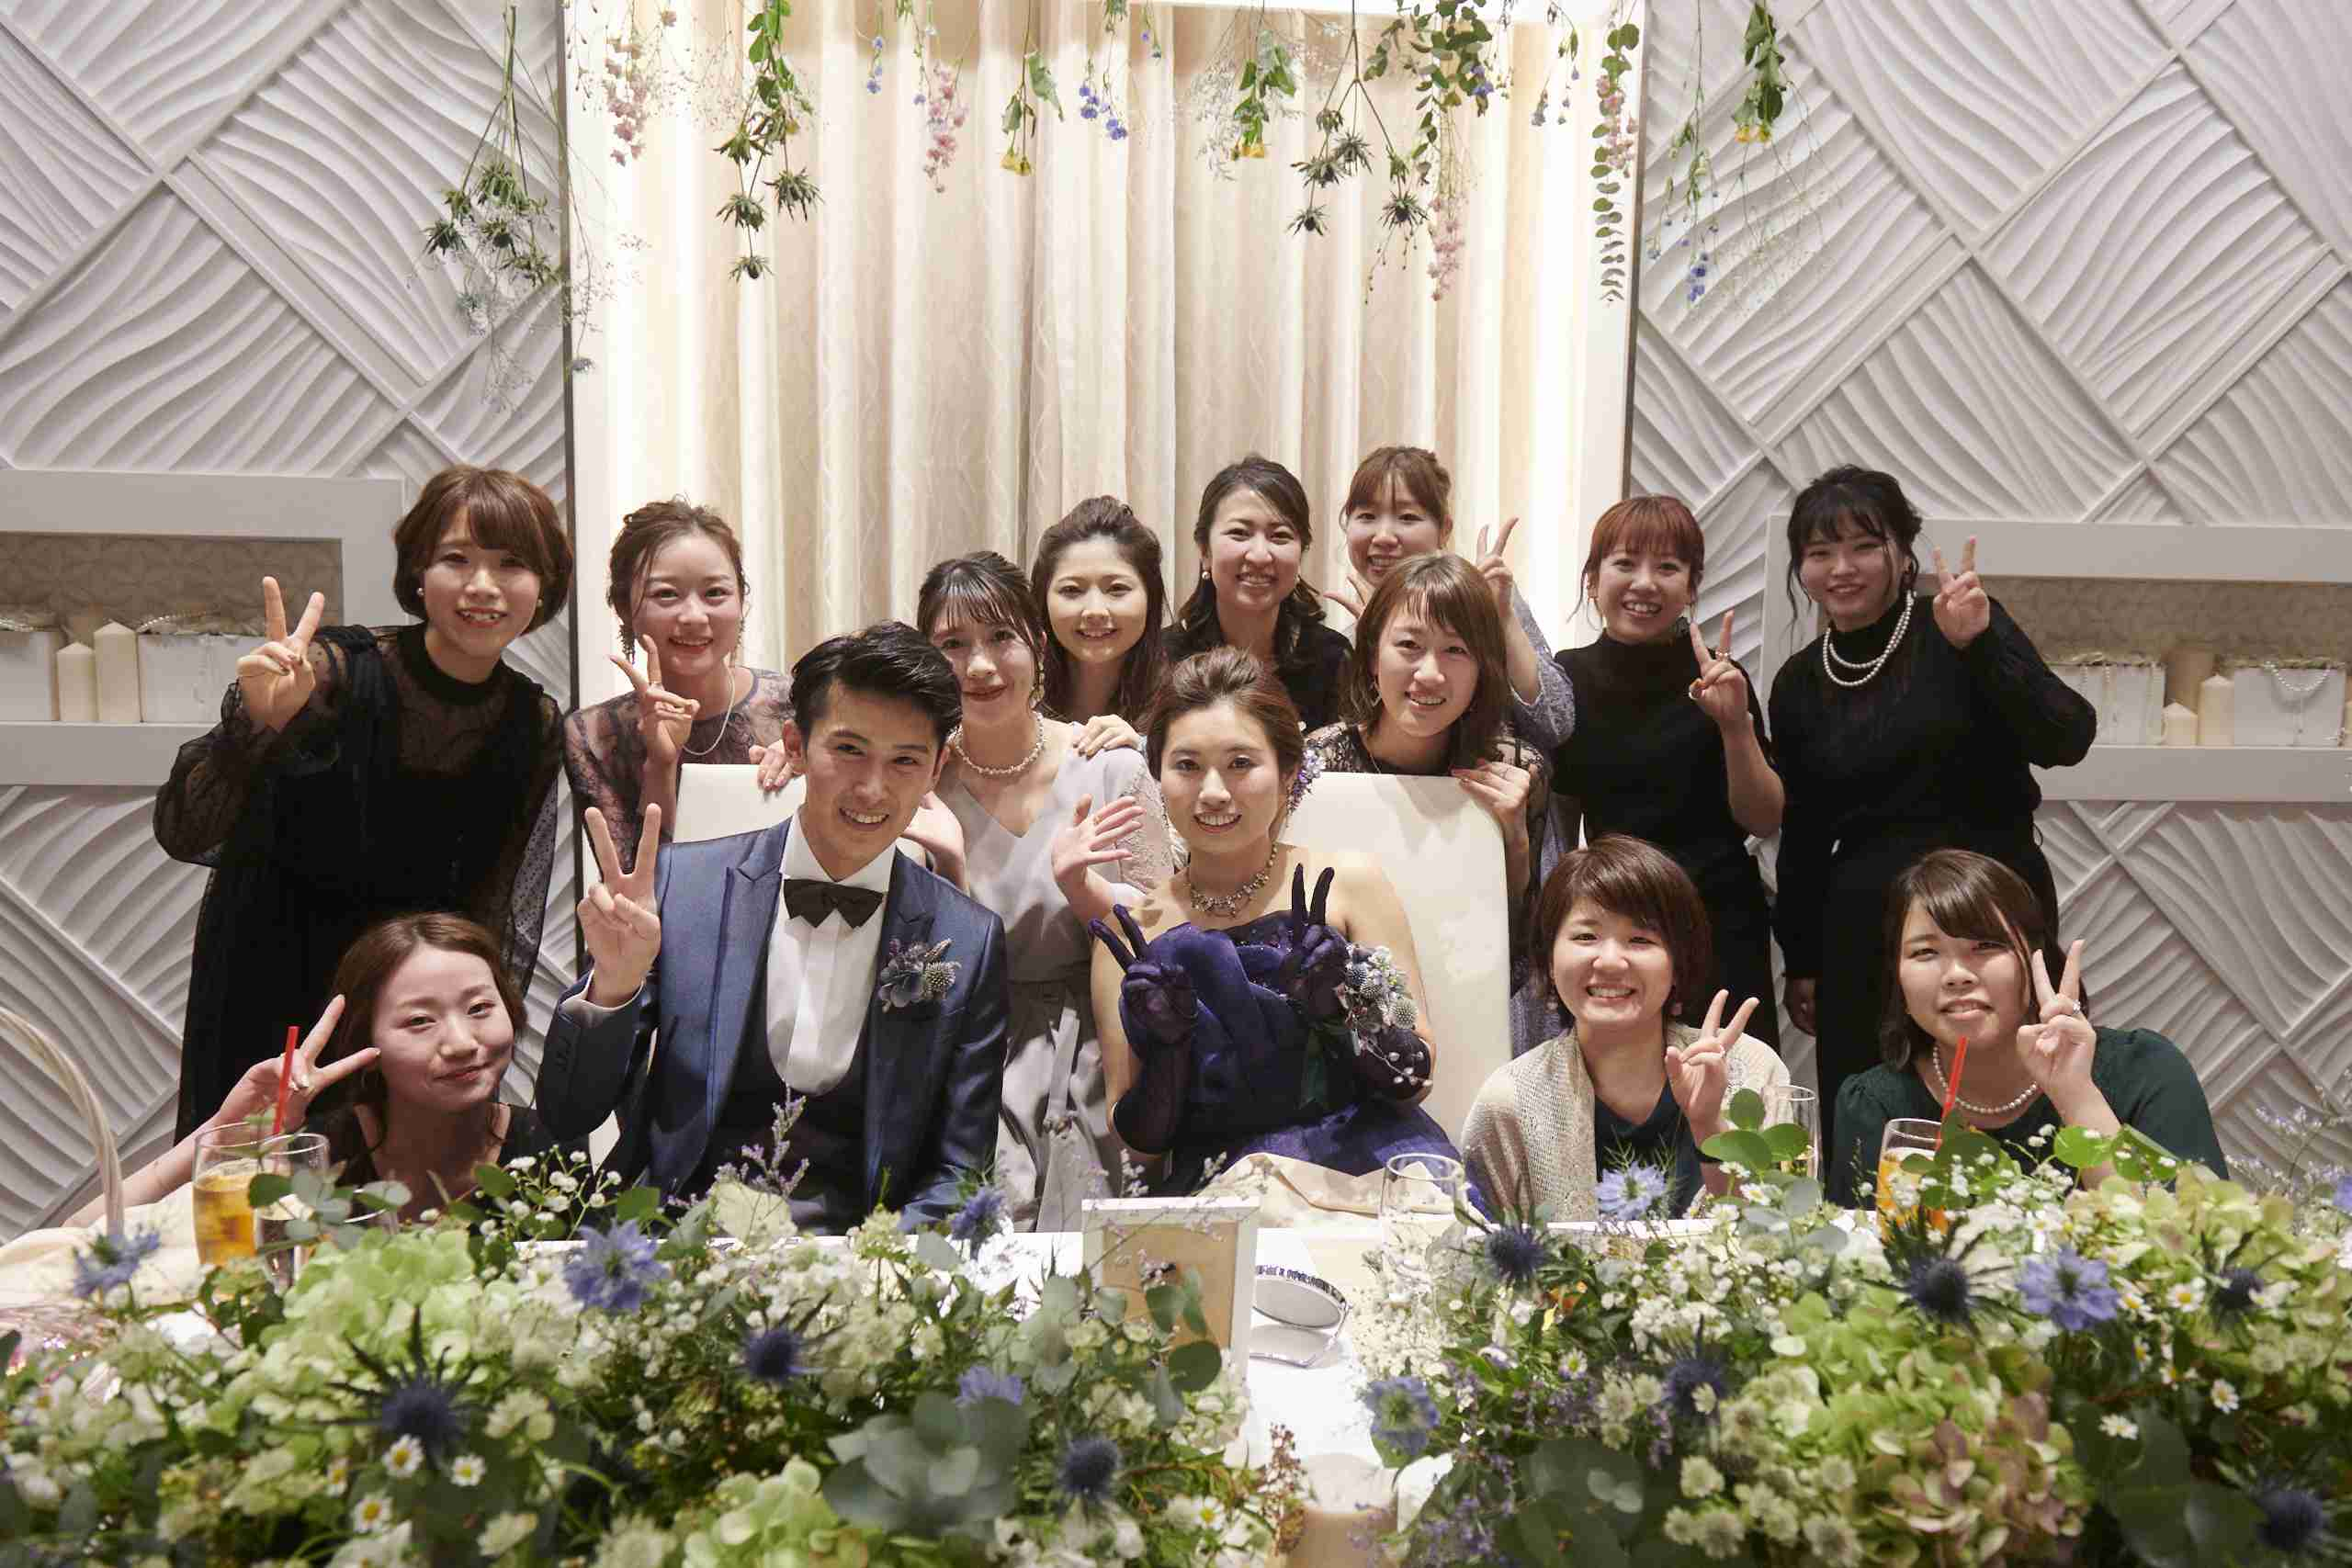 徳島市の結婚式場ブランアンジュでゲストと記念写真を撮影している新郎新婦様